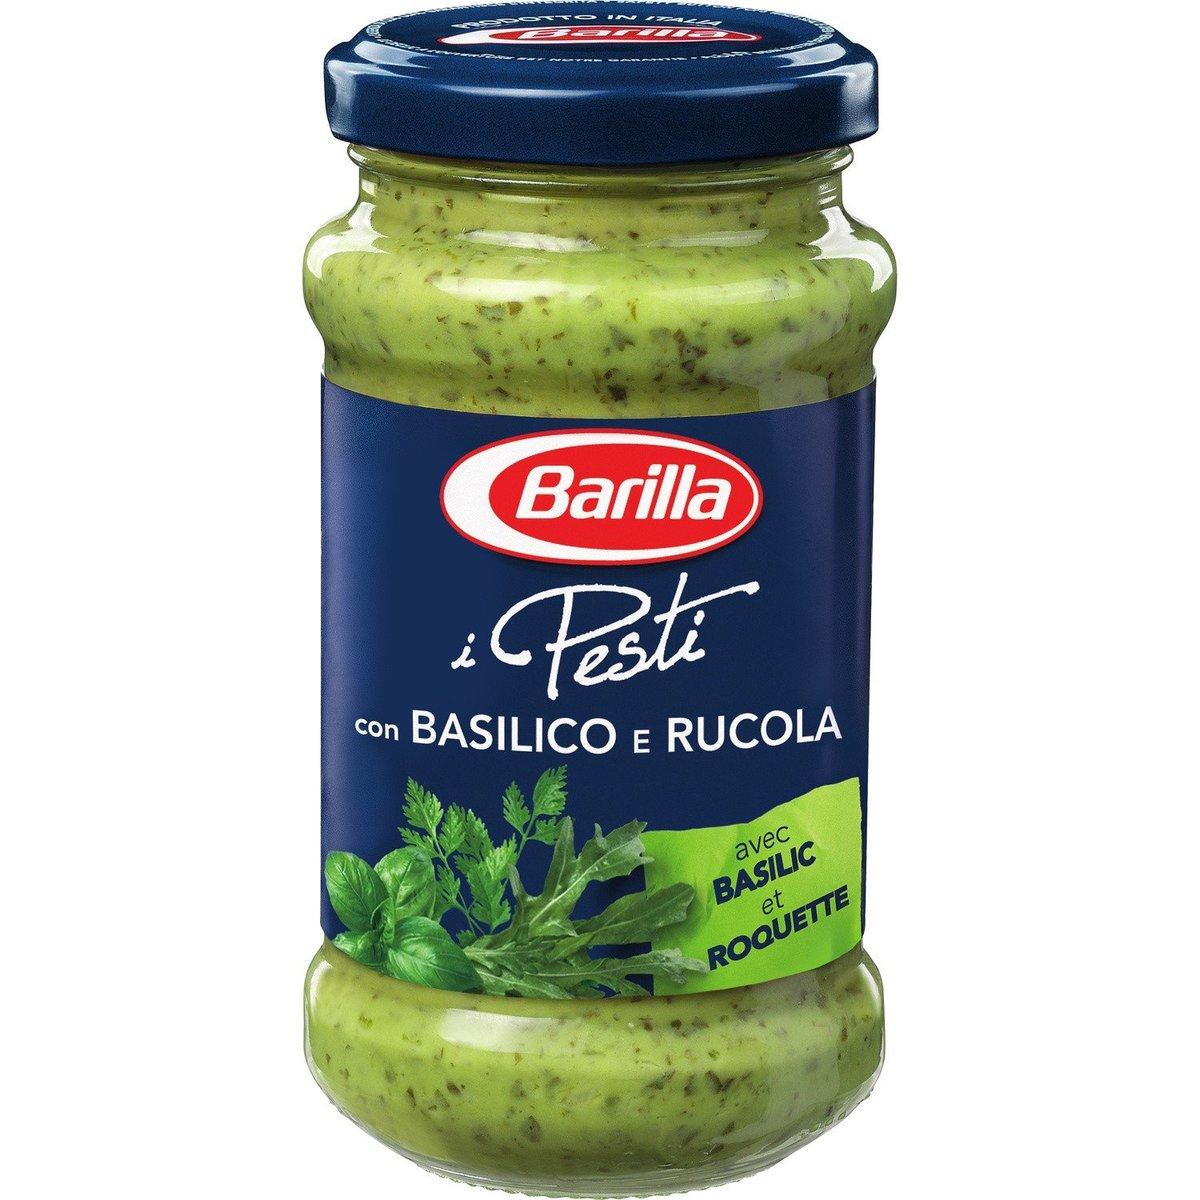 BARILLA - Pesto Basil Sauce - 190g